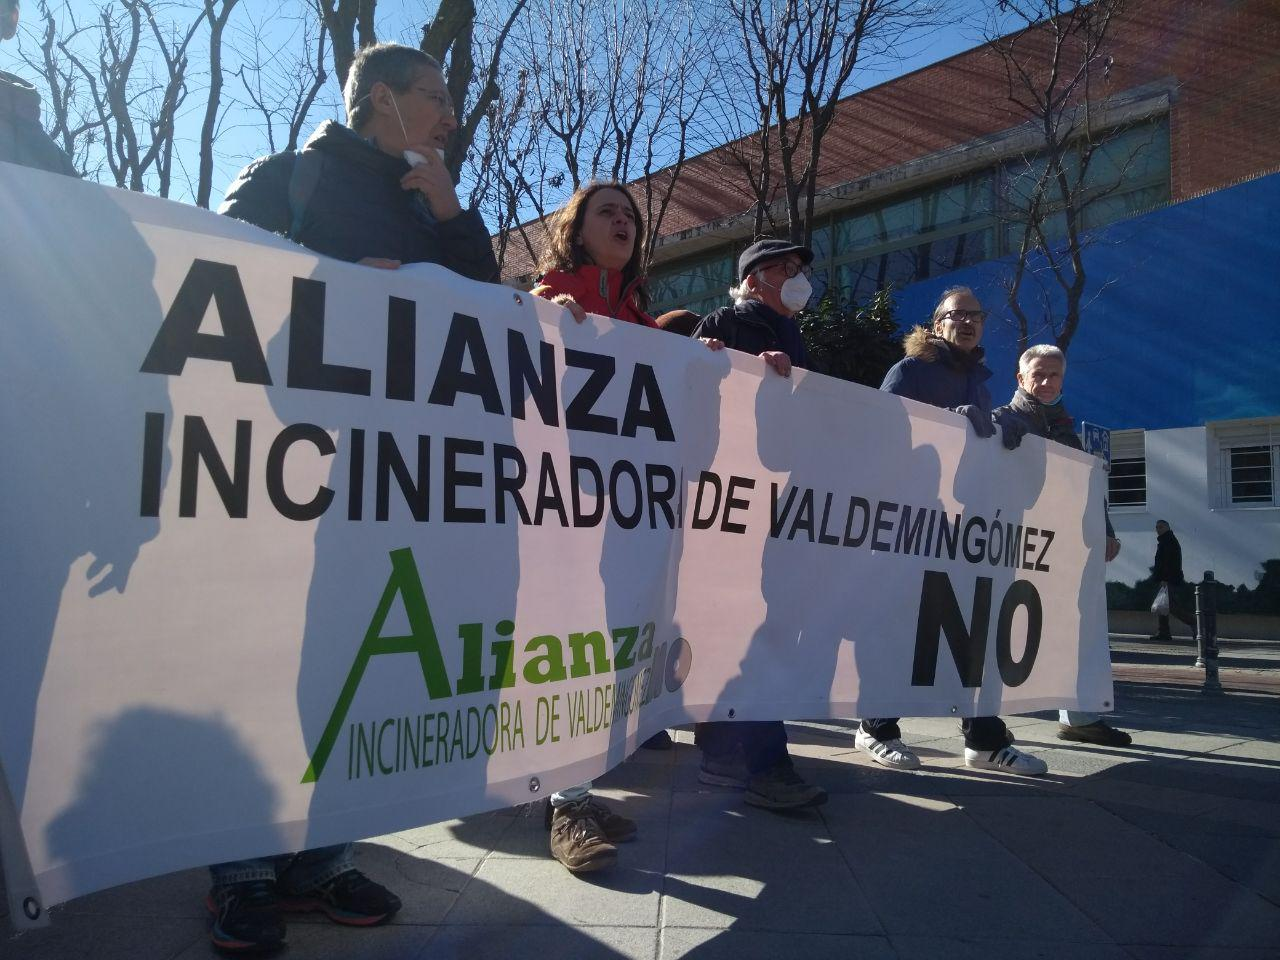 Victoria vecinal y ecologista: el Ayuntamiento de Madrid anuncia el cierre de la incineradora de Valdemingómez